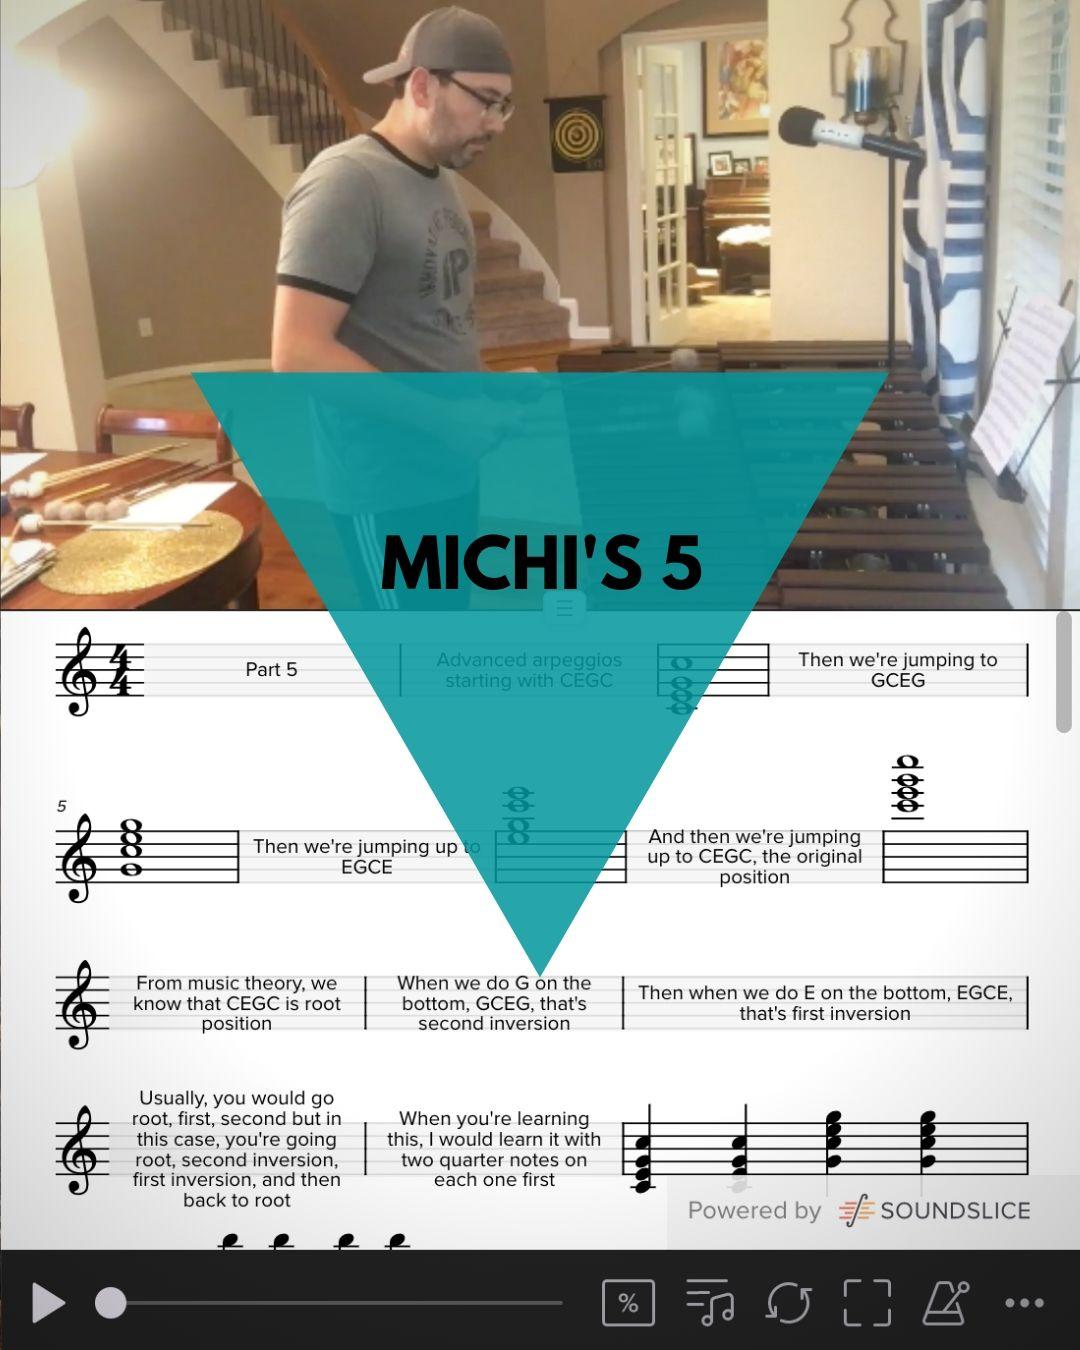 Michi's #5